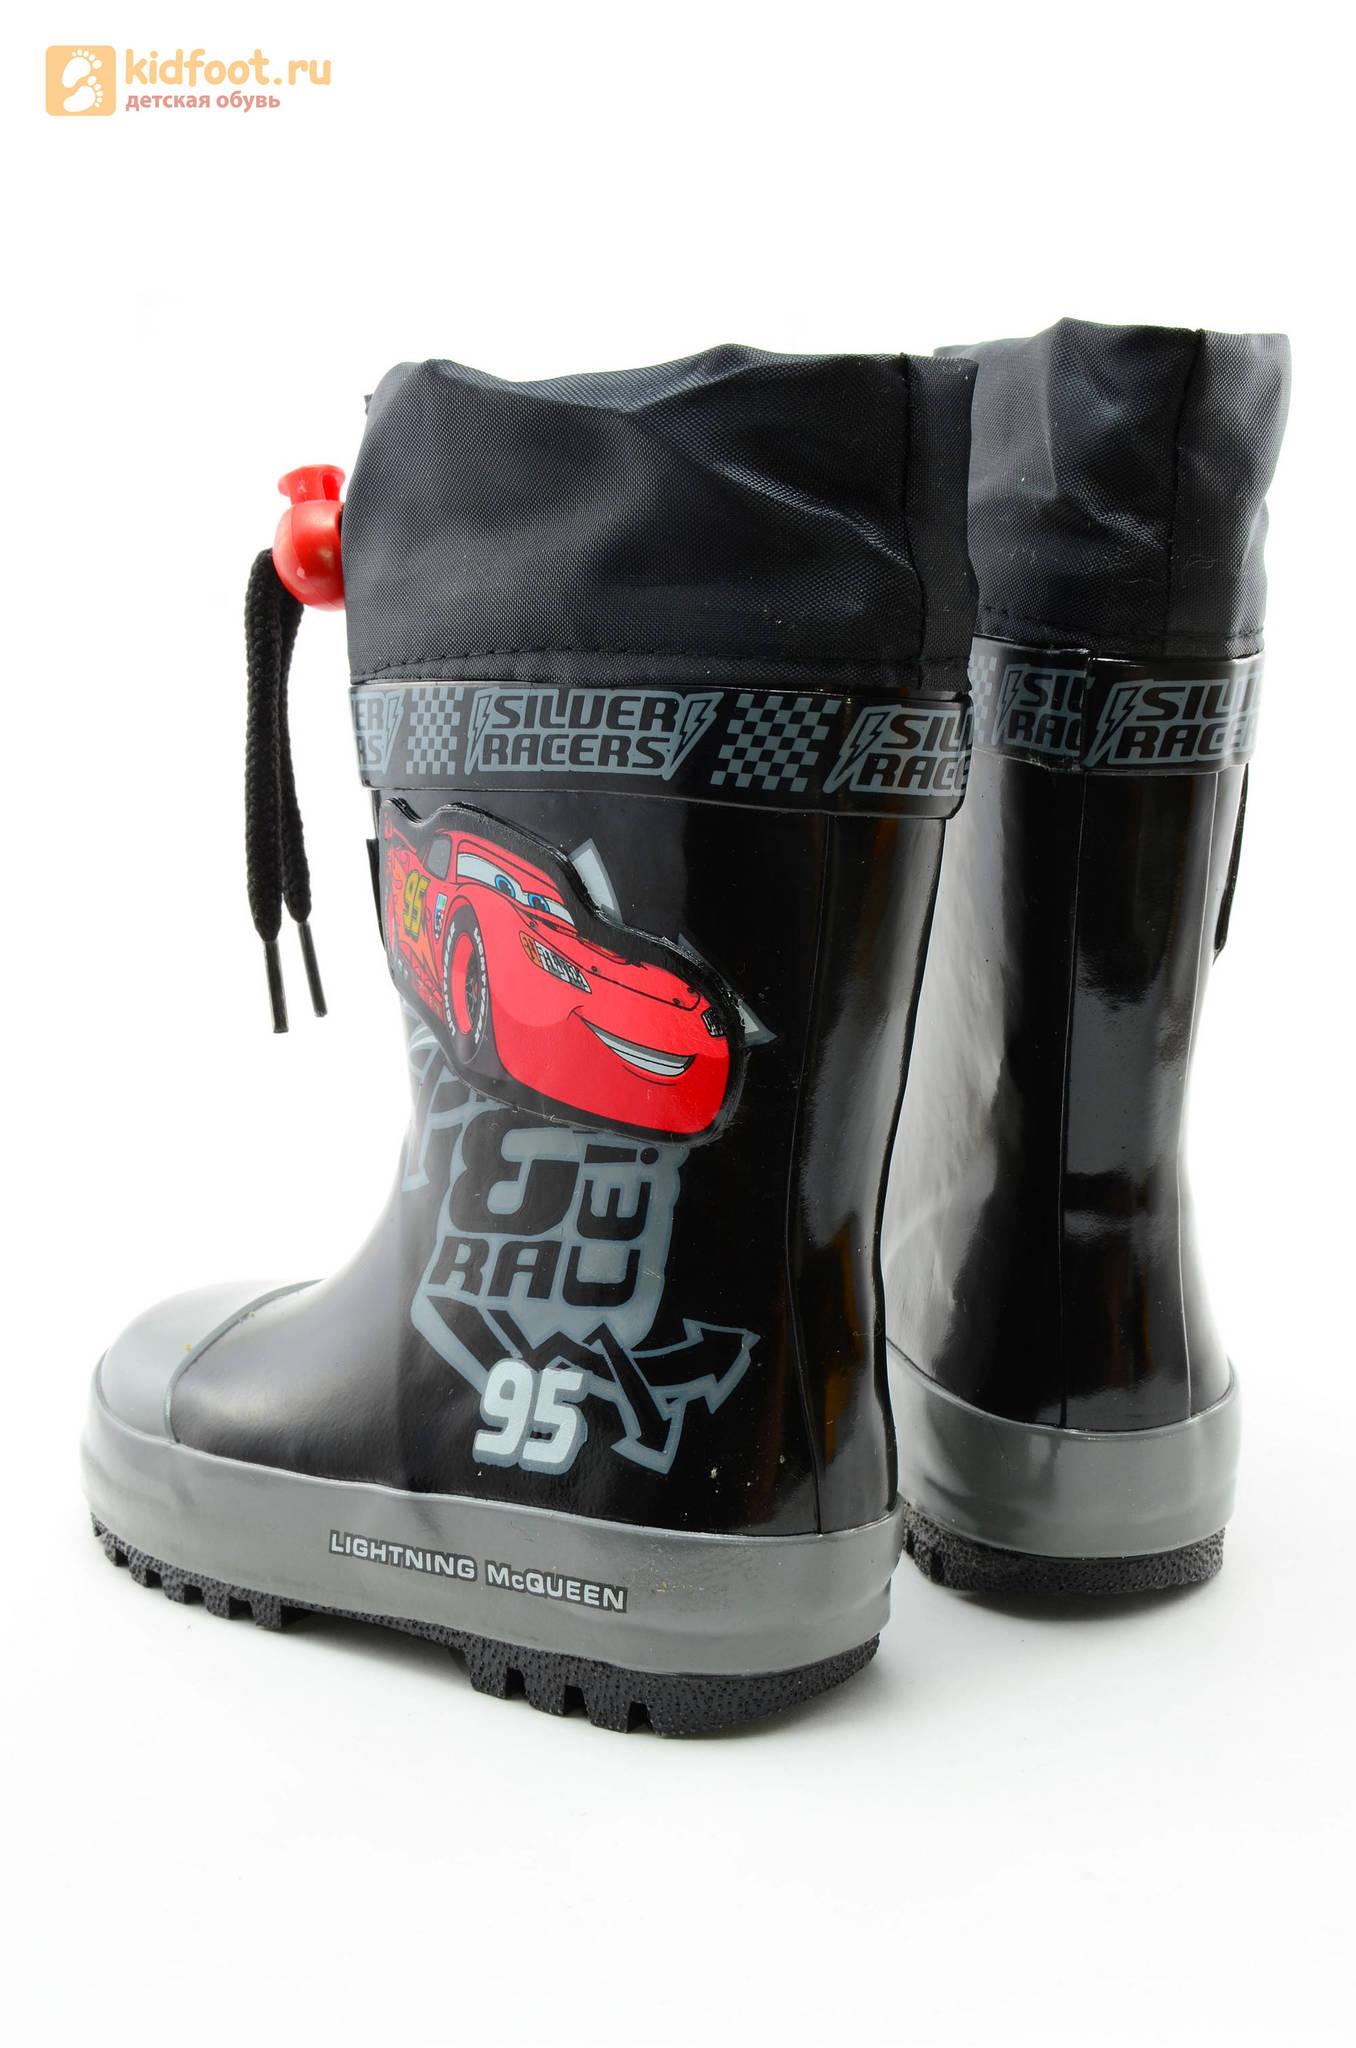 Резиновые сапоги Тачки (Cars) на шнурках для мальчиков, цвет черный